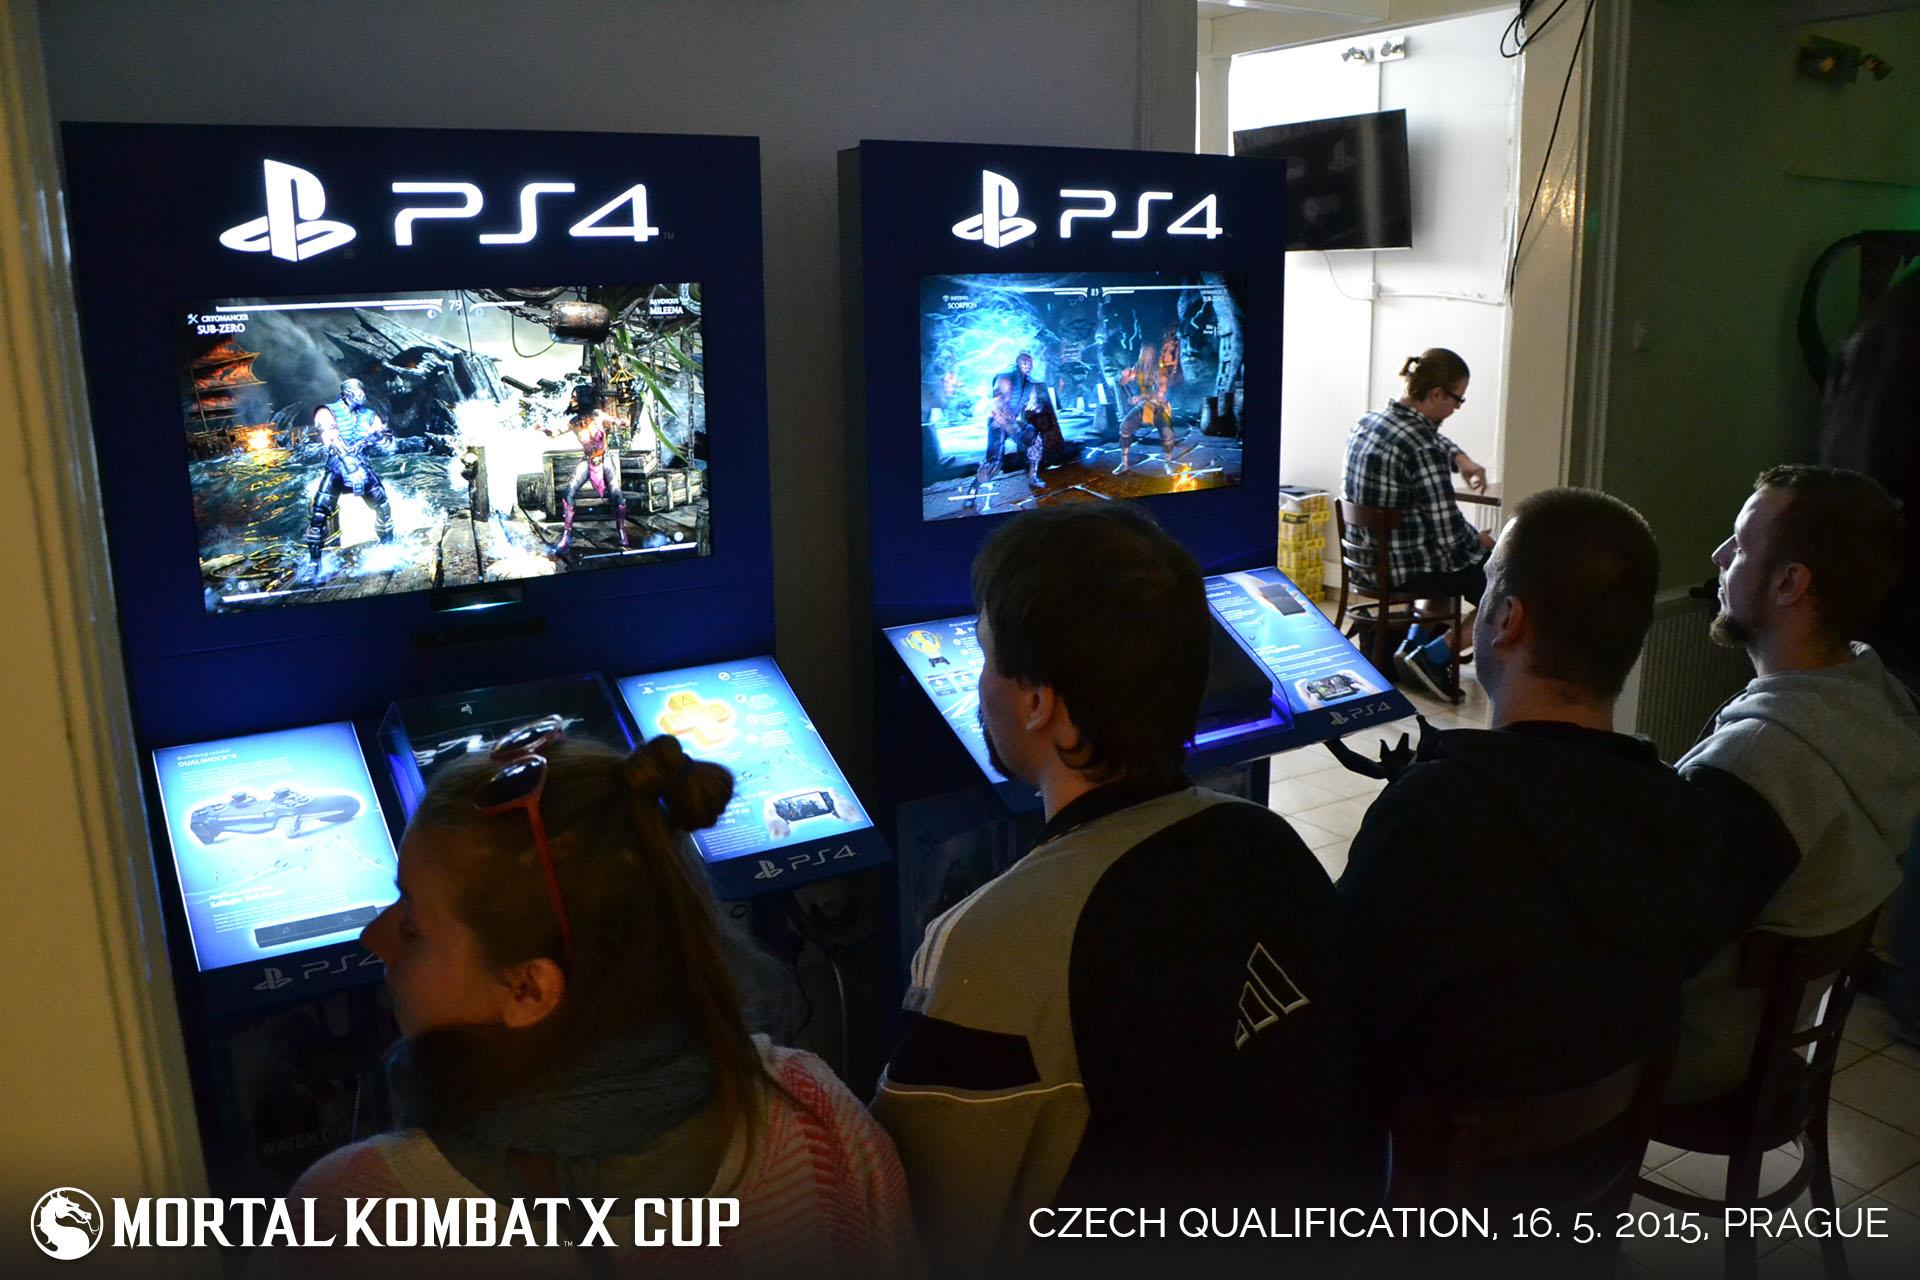 Česká kvalifikace na Mortal Kombat X Cup zná vítěze! 109158